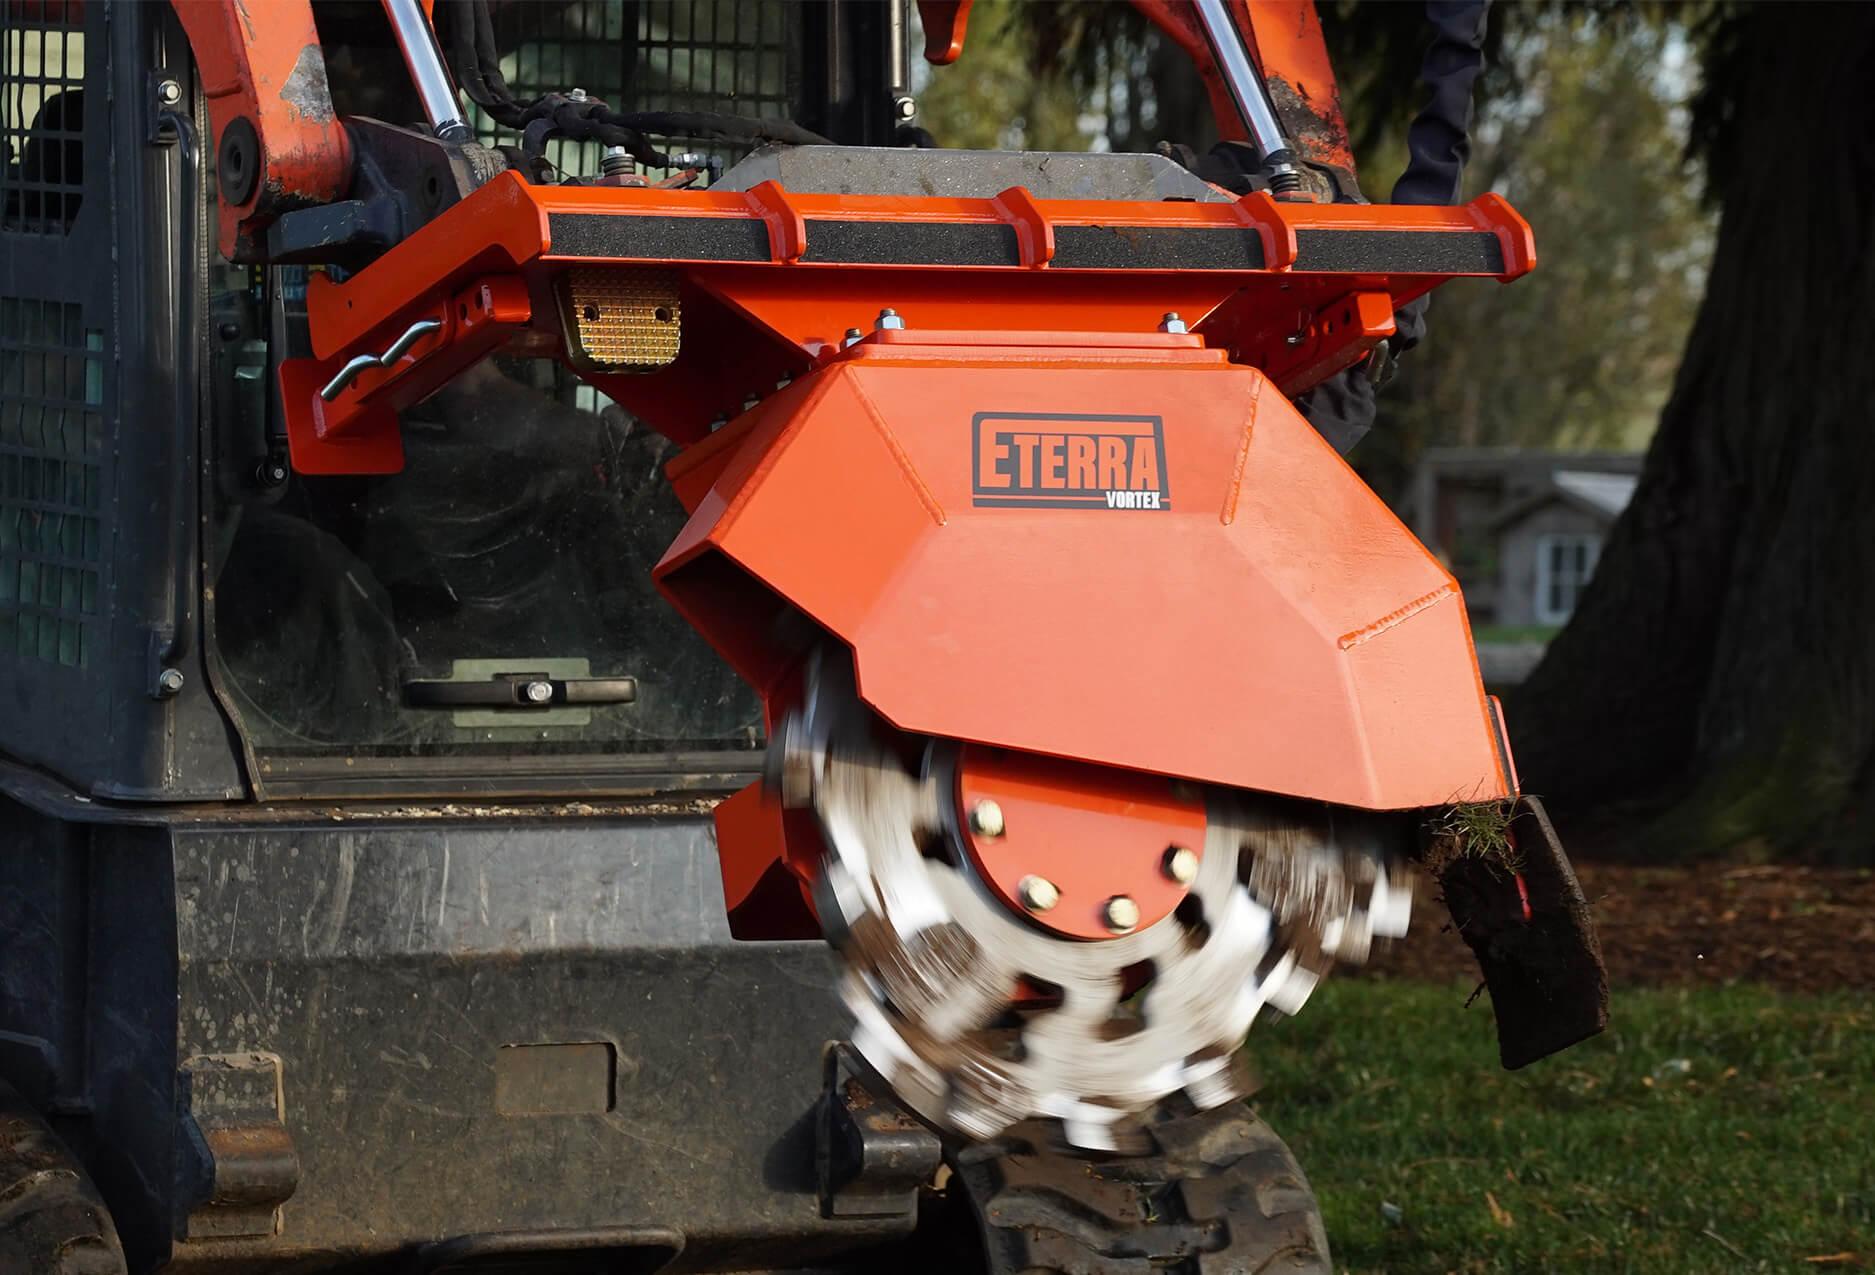 Eterra vortex skid steer stump grinder action